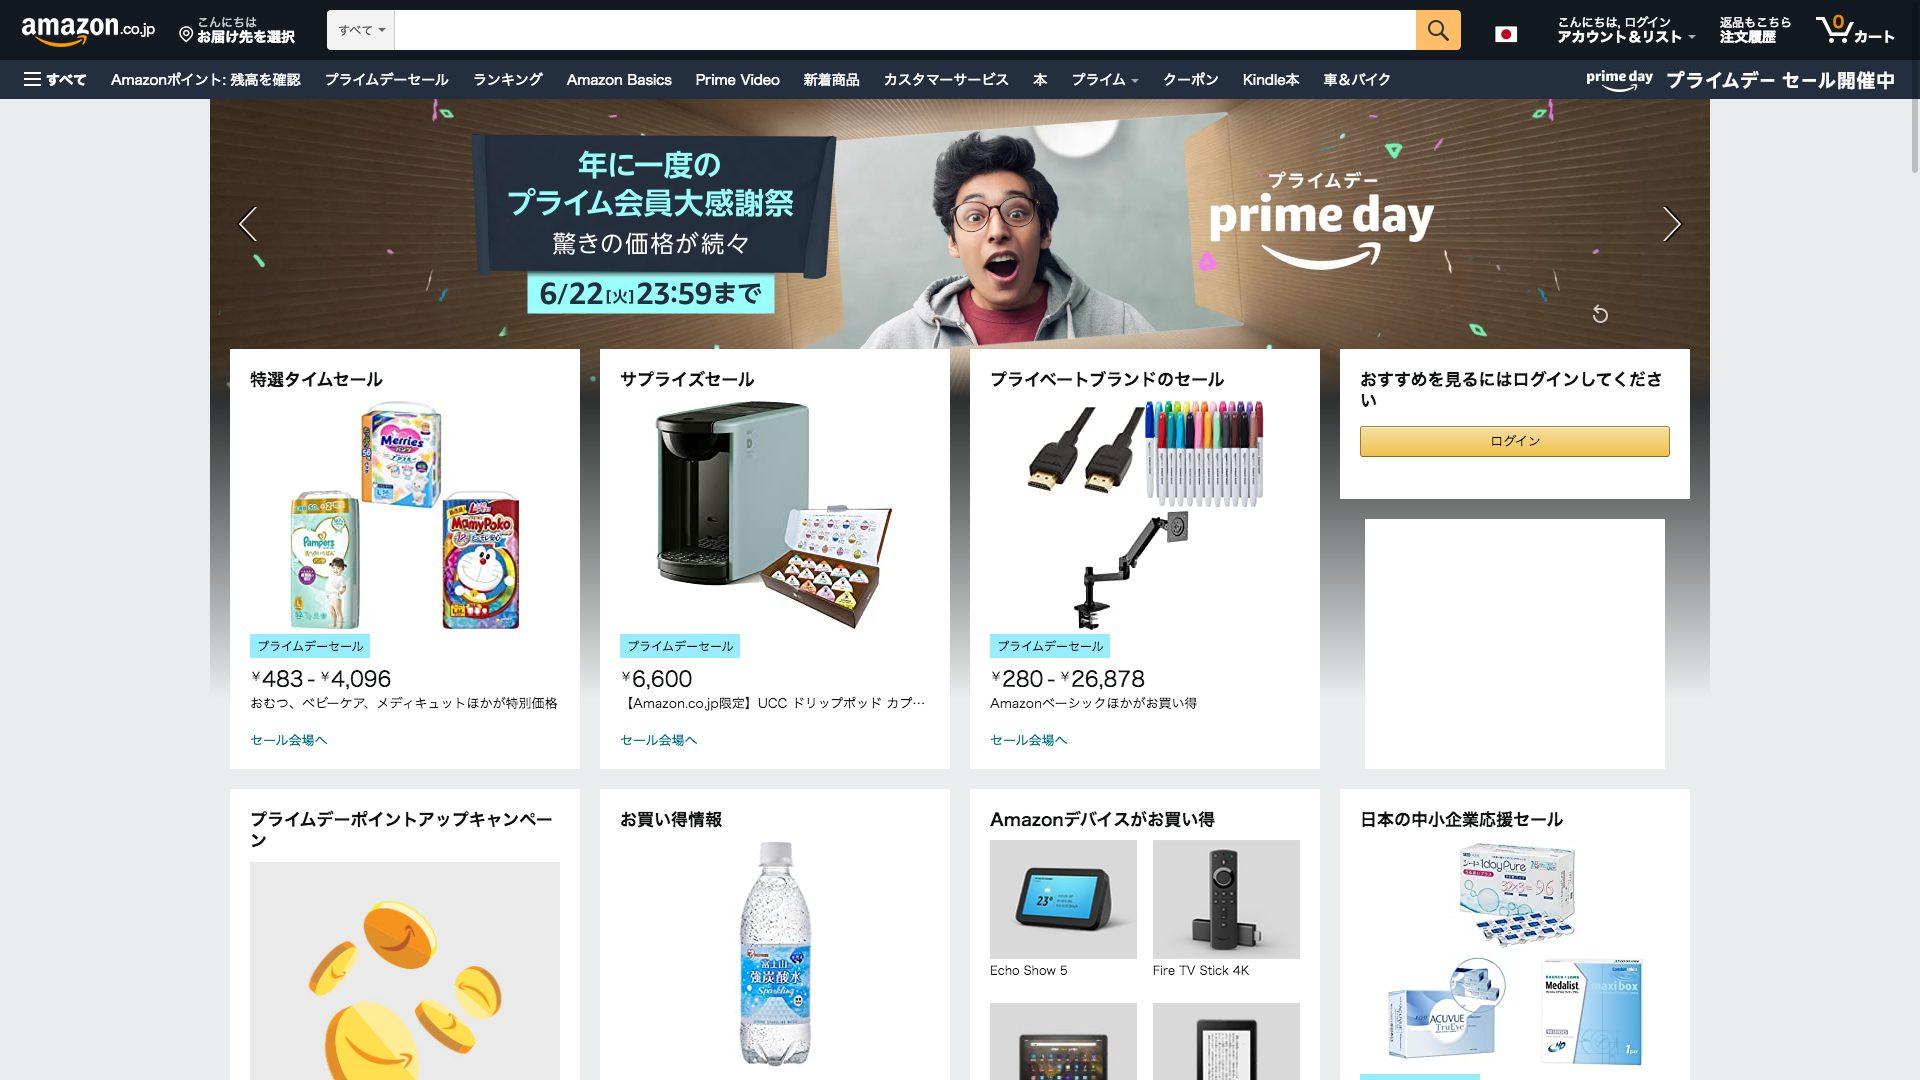 2021年 Amazonプライムデーで狙うべきオススメアイテム